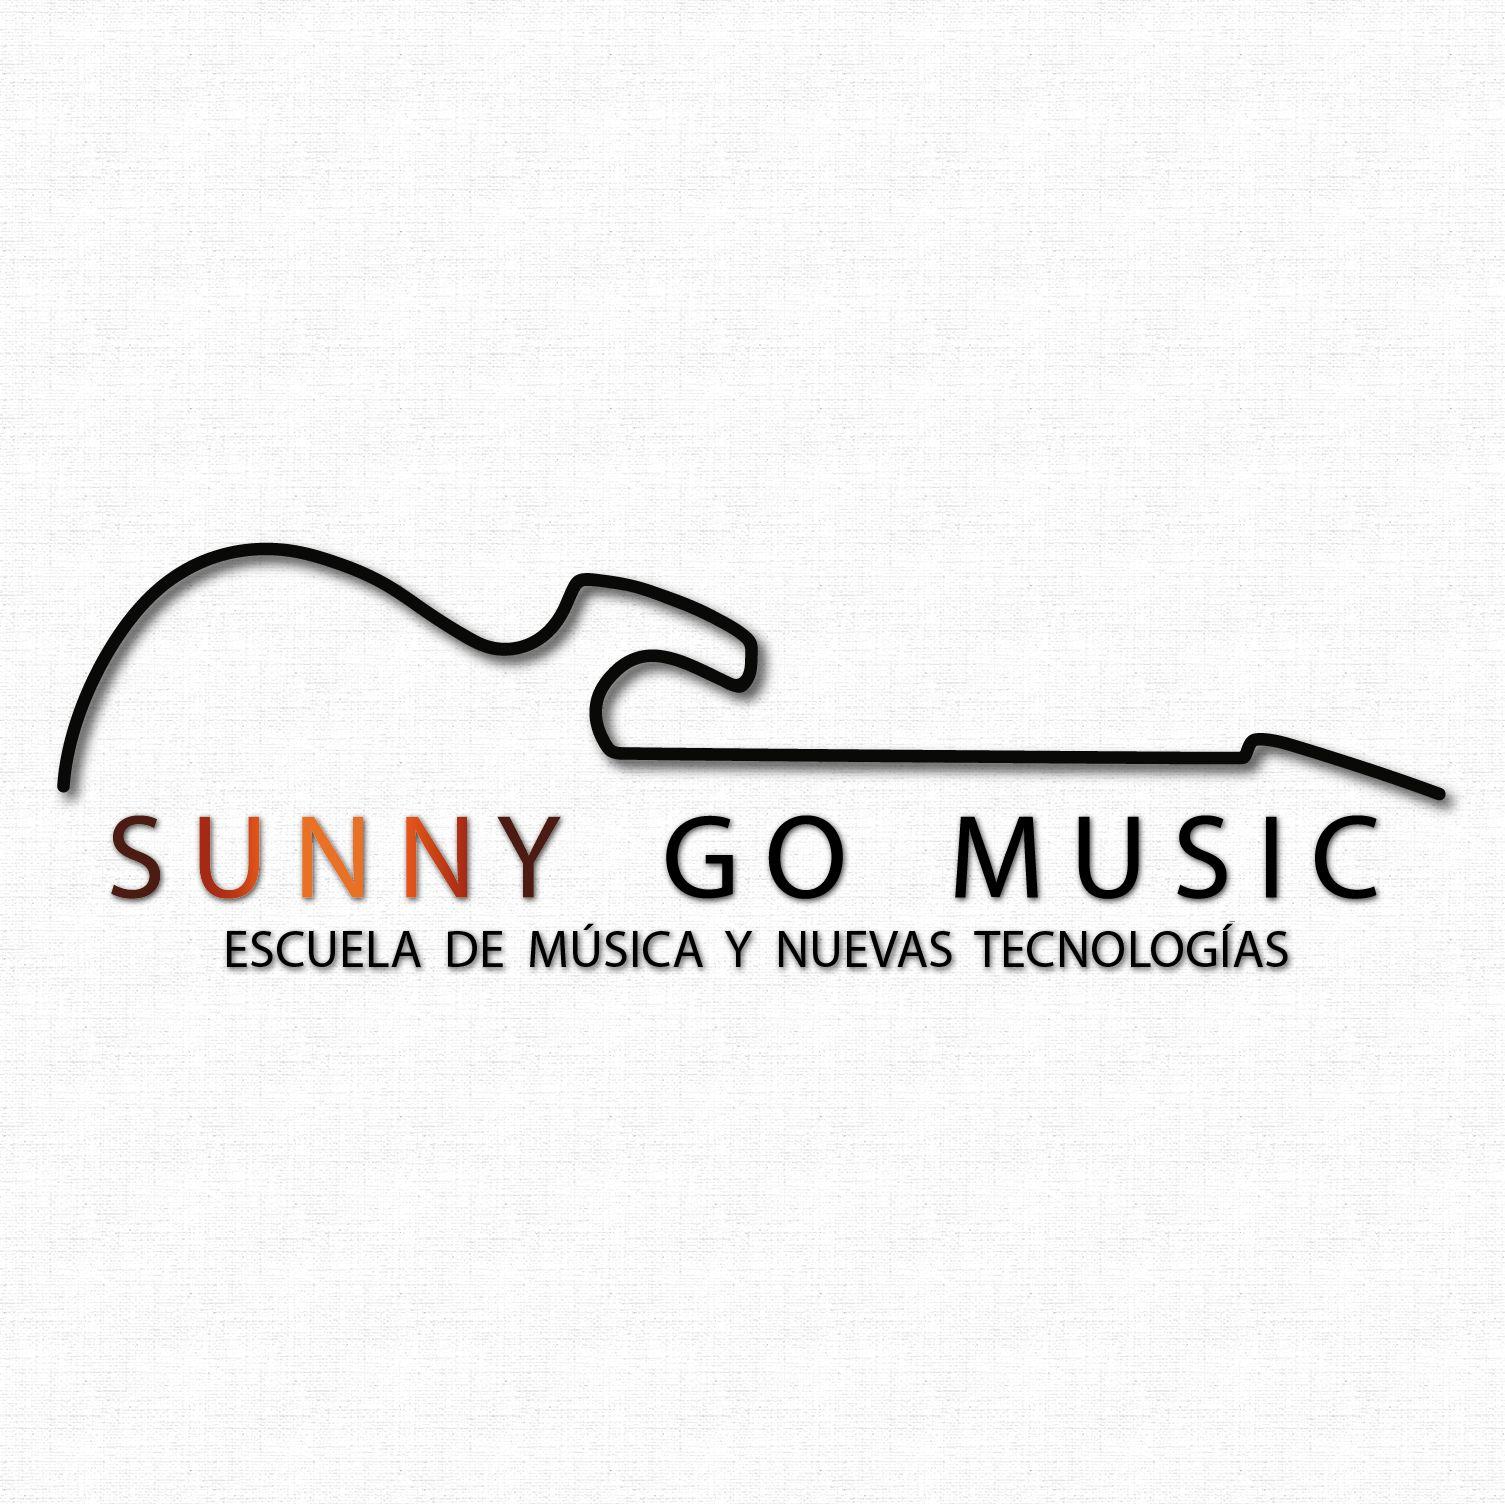 Sunny Go Music